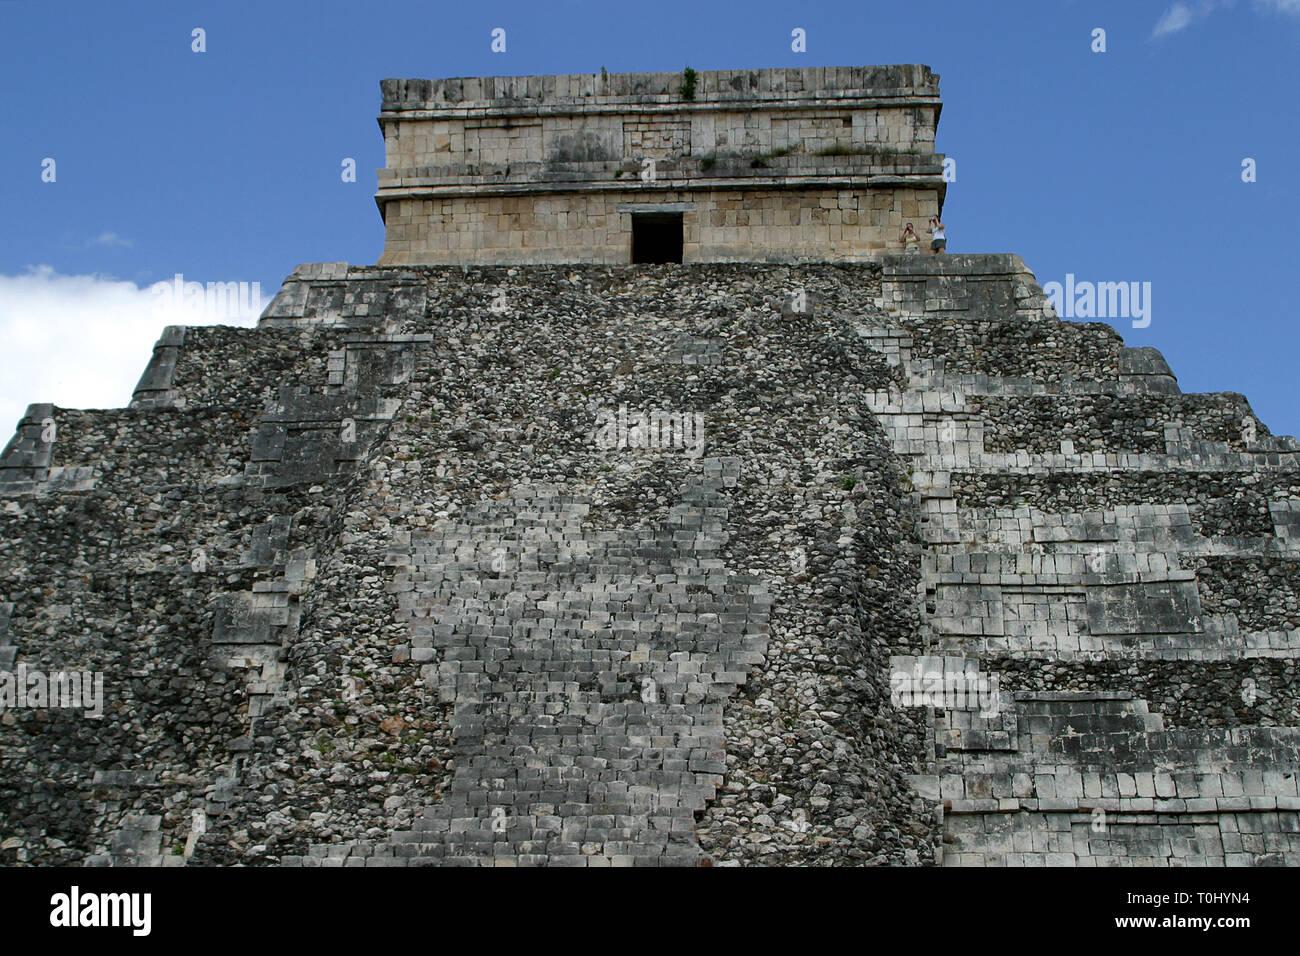 Templo de Kukulcan.  Zona arqueologica de Chichen Itza Zona arqueológica    Chichén ItzáChichén Itzá maya: (Chichén) Boca del pozo;   de los (Itzá) brujos de agua.   Es uno de los principales sitios arqueológicos de la   península de Yucatán, en México, ubicado en el municipio de Tinum.  *Photo:©Francisco* Morales/DAMMPHOTO.COM/NORTEPHOTO    * No * sale * a * third * - Stock Image